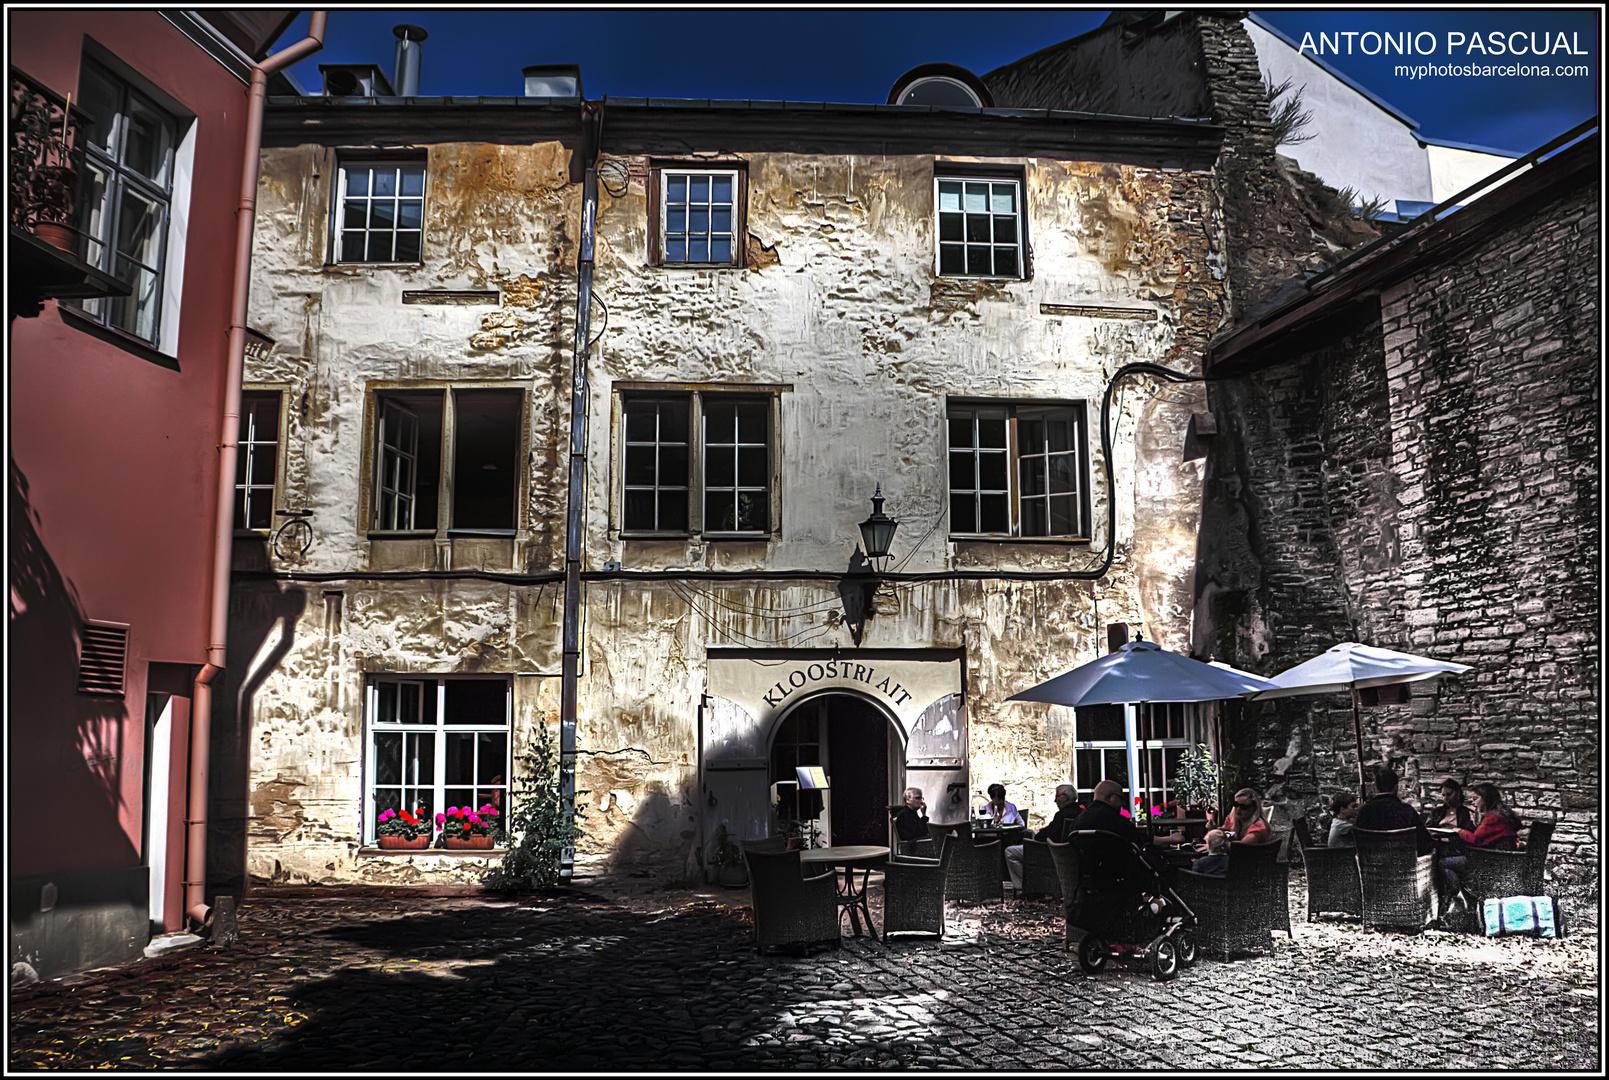 Un rincón de Tallín (Estonia)